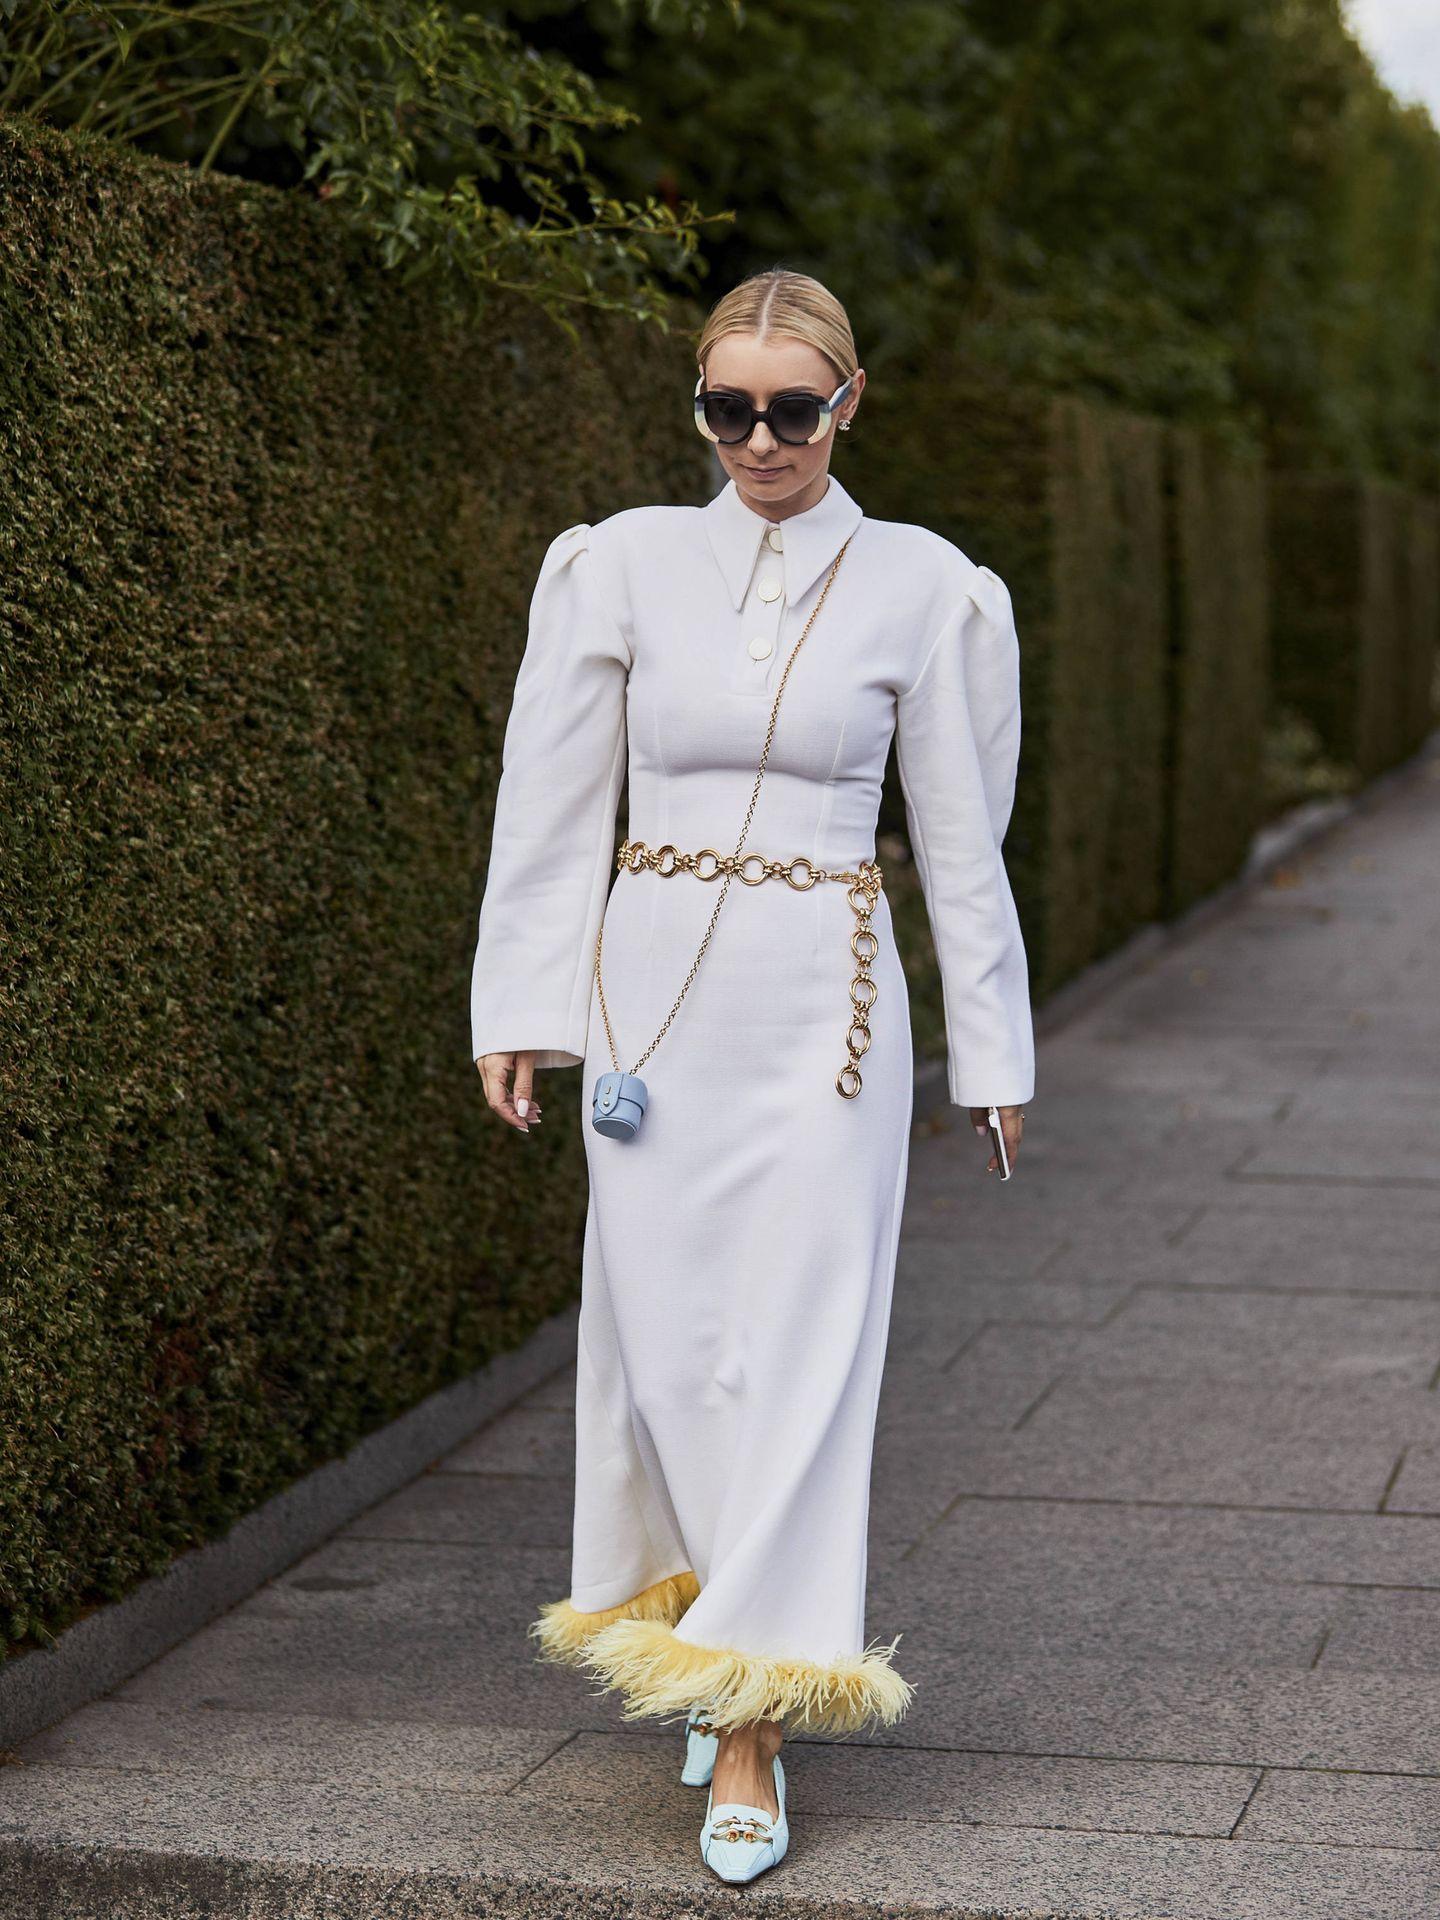 El street style y sus vestidos blancos. (Imaxtree)